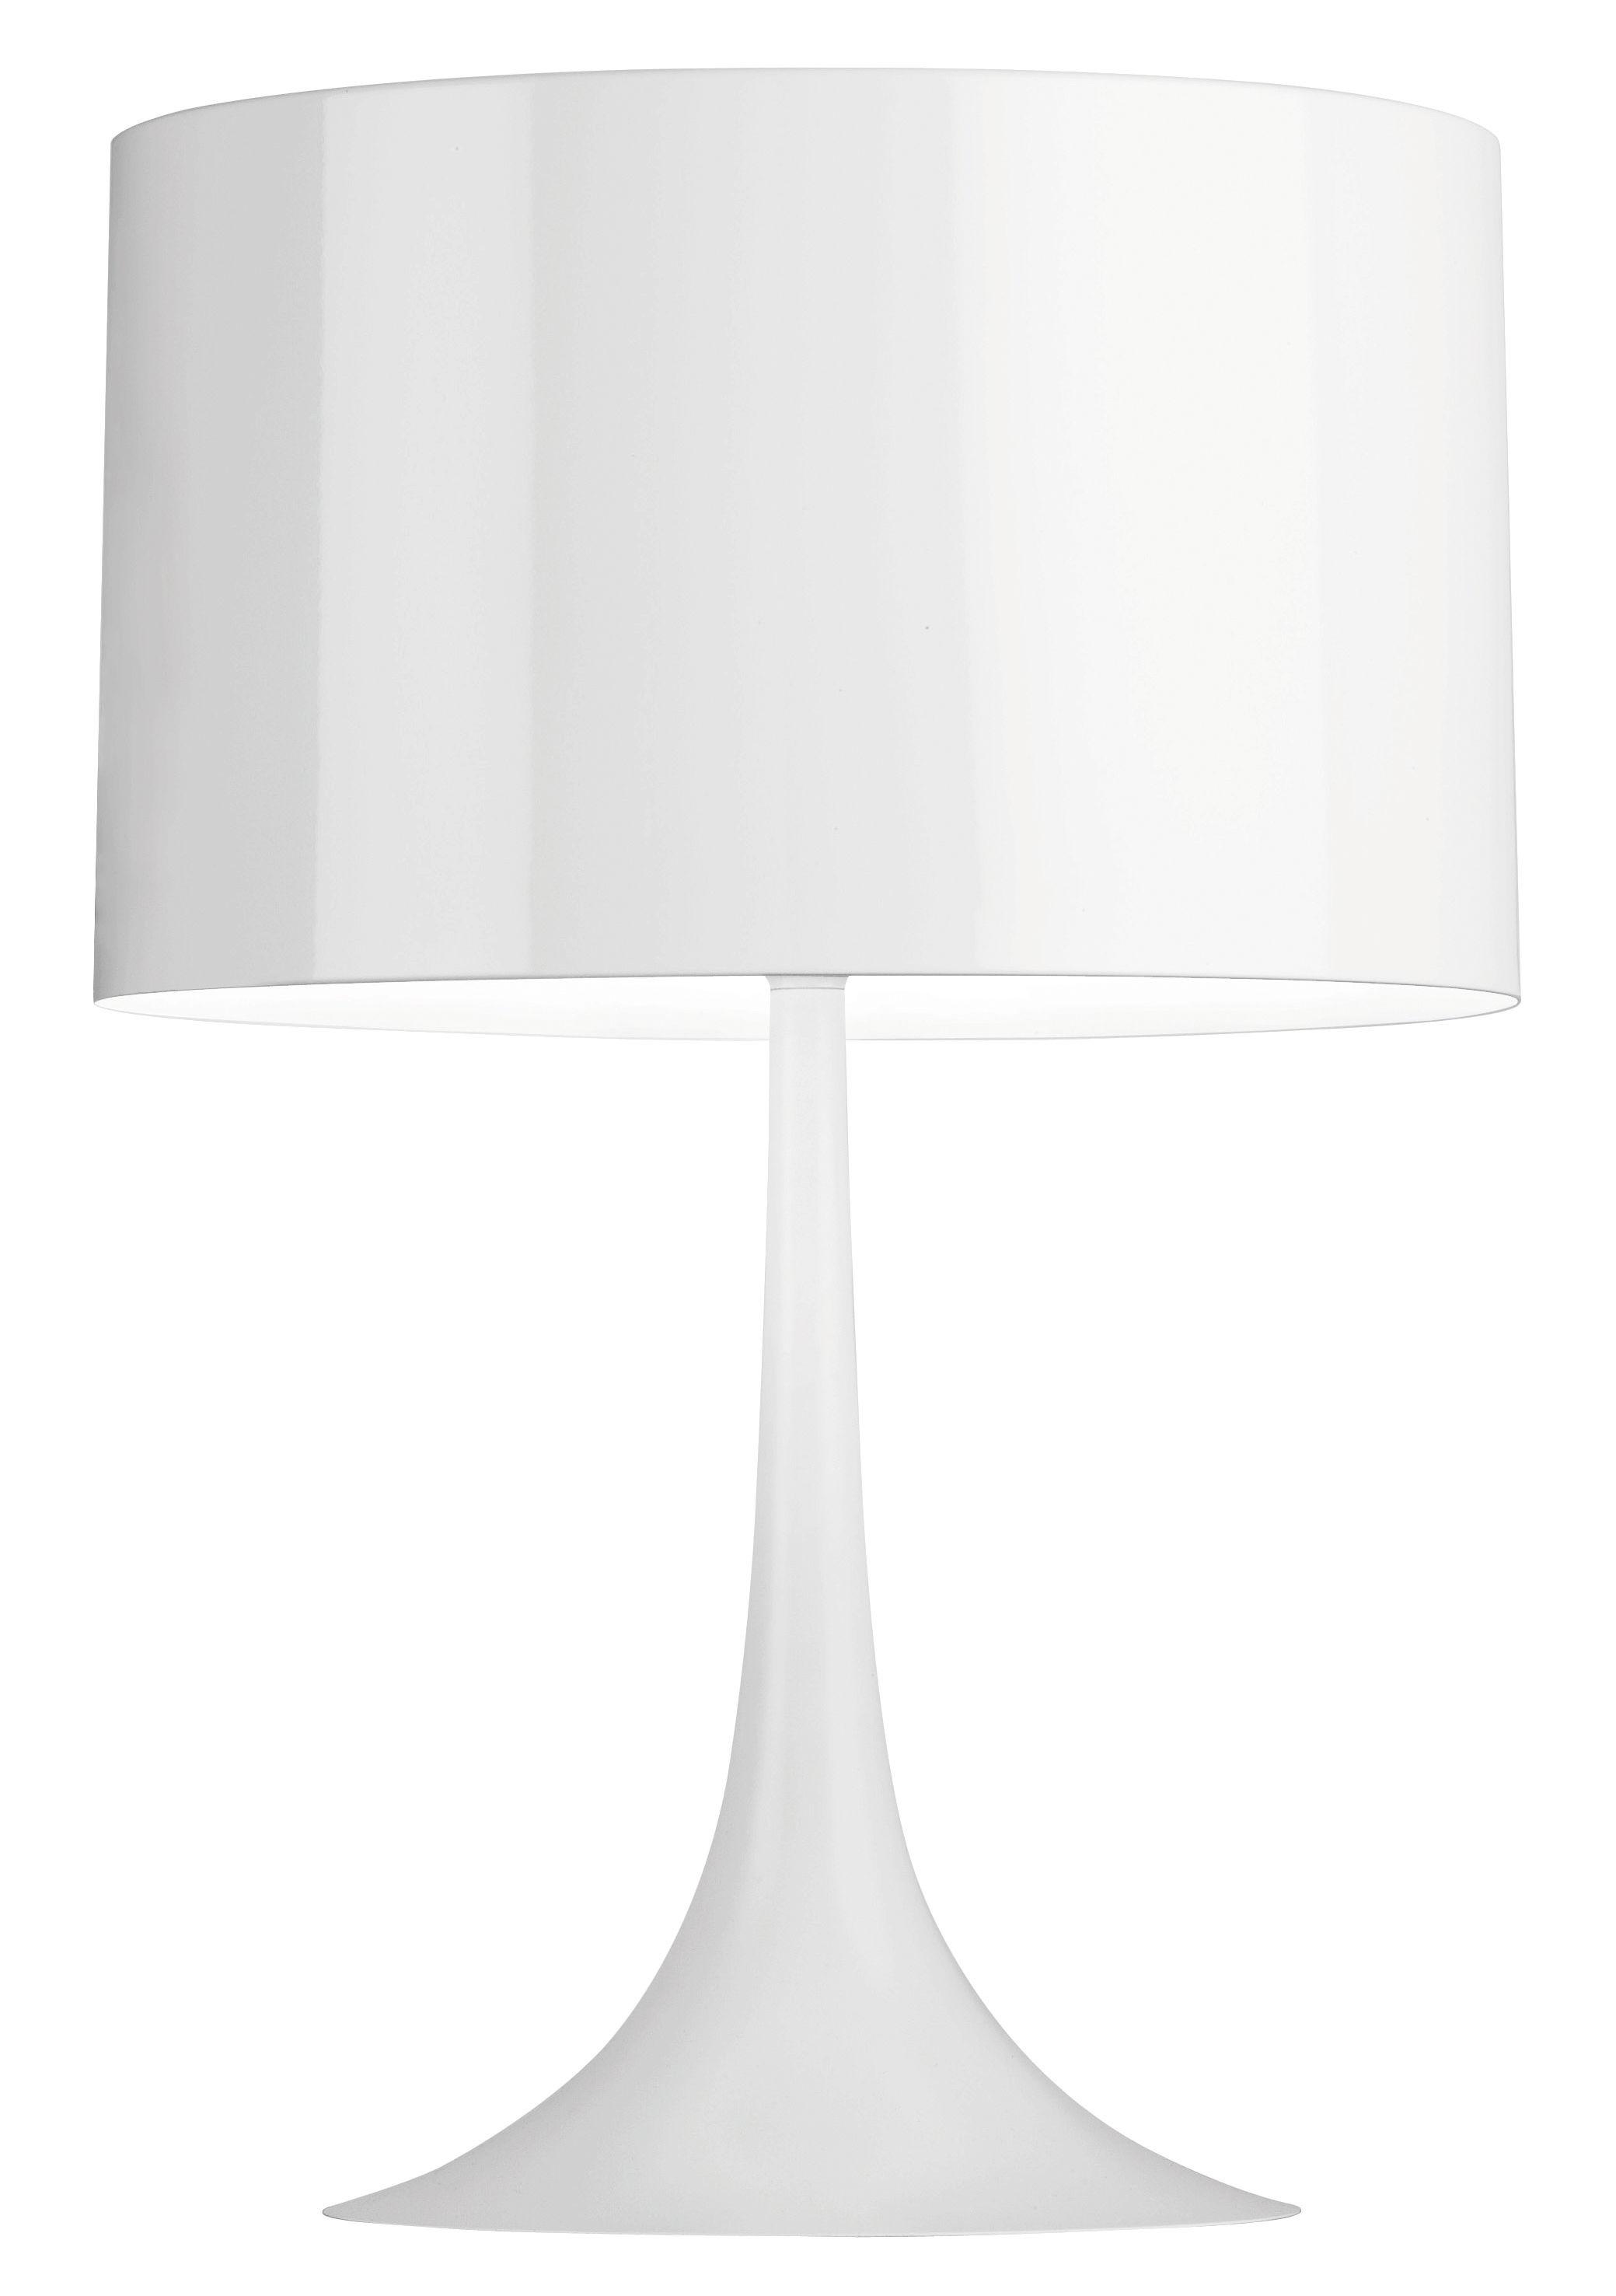 Leuchten - Tischleuchten - Spun Light T1 Tischleuchte H 57 cm - Flos - Glänzendes Weiß - Metall